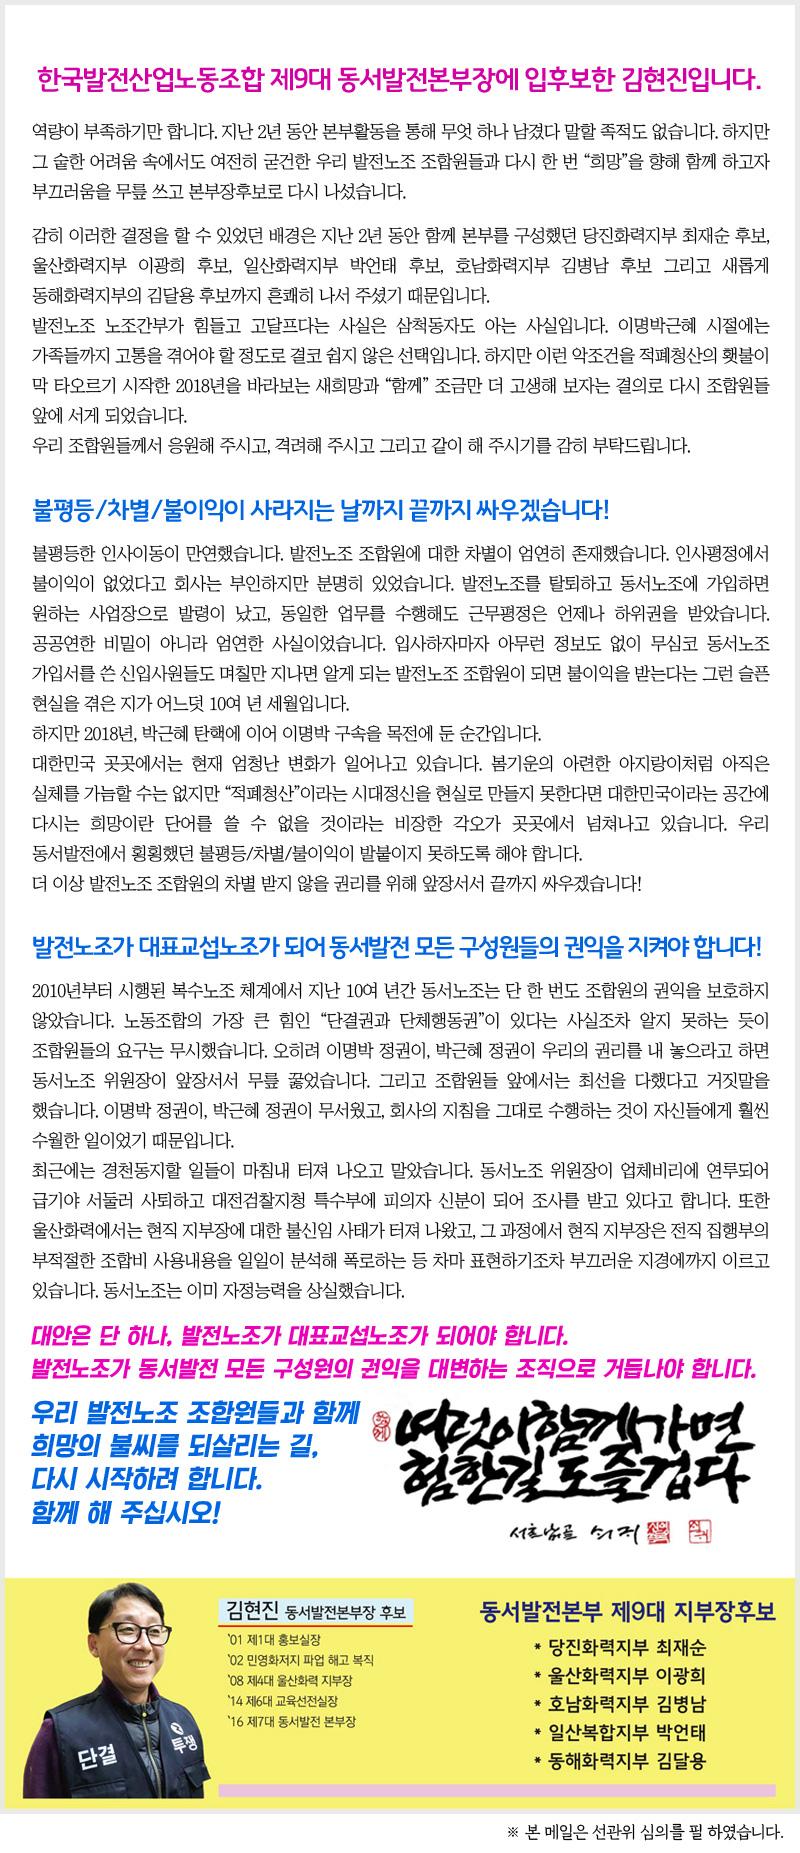 김현진메일.jpg